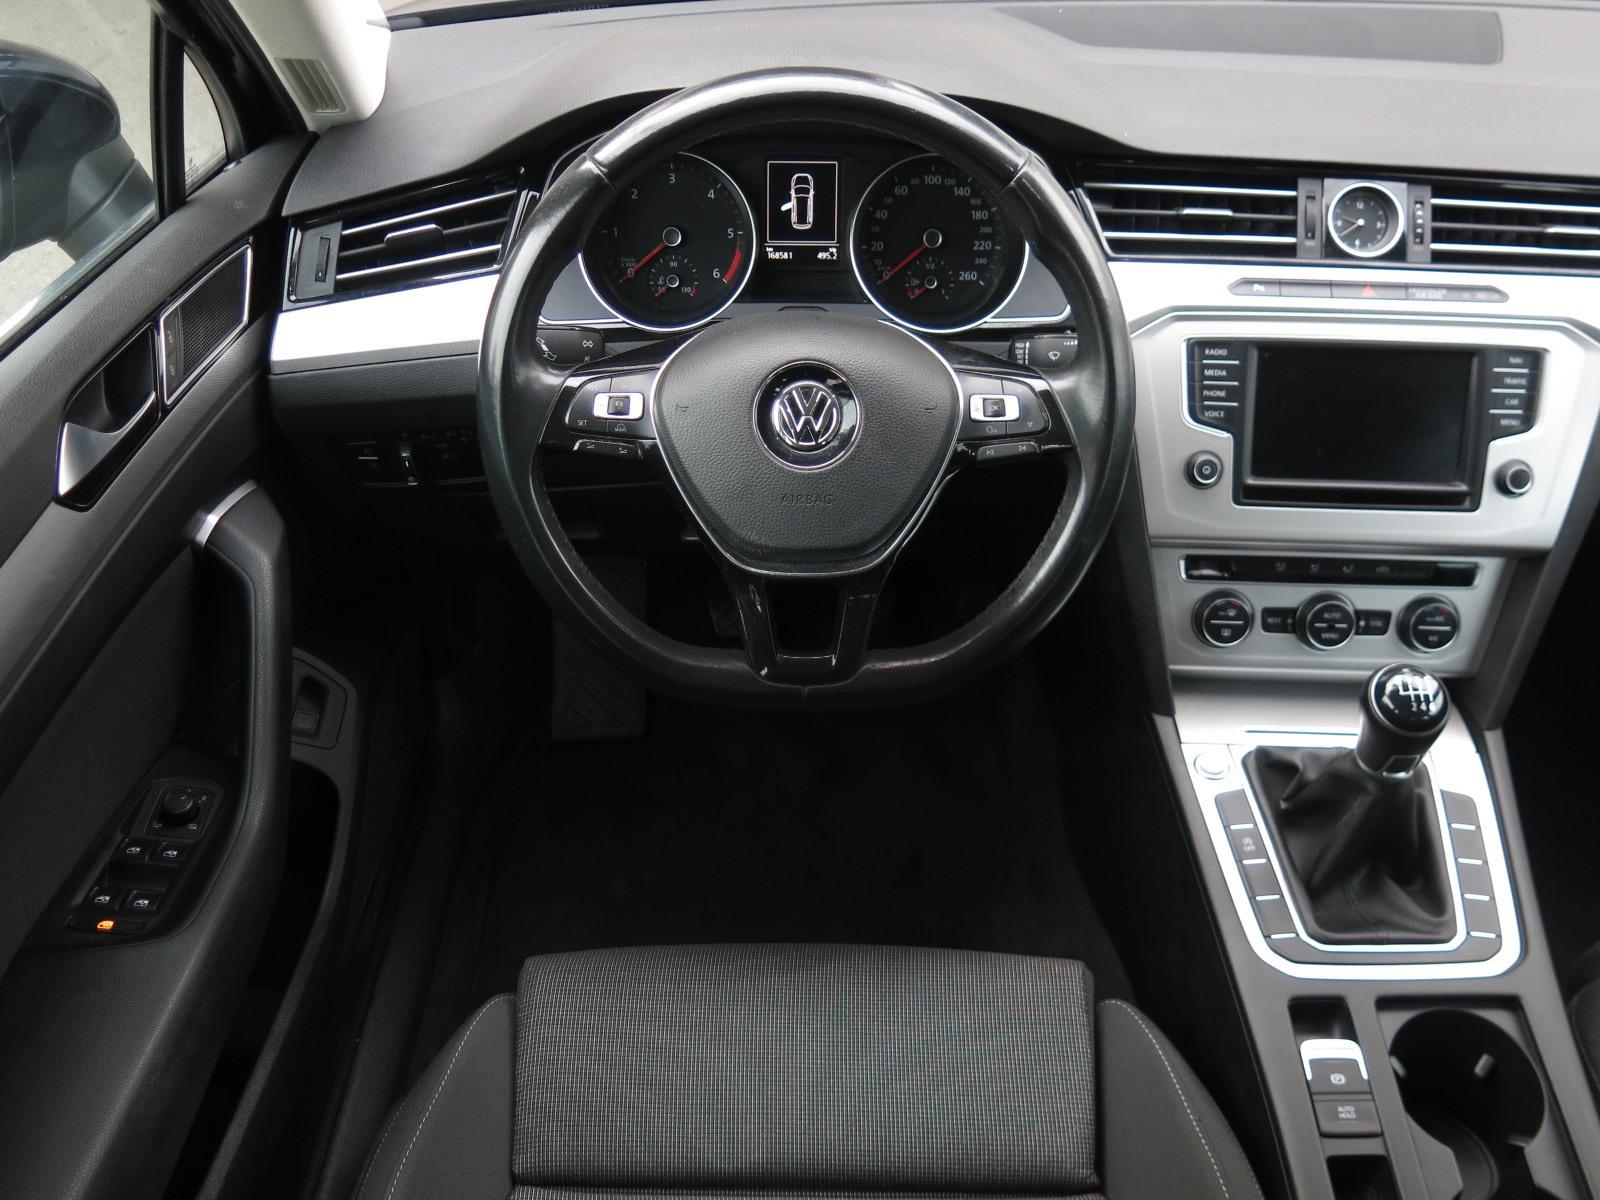 Volkswagen Passat, 2016 - pohled č. 9